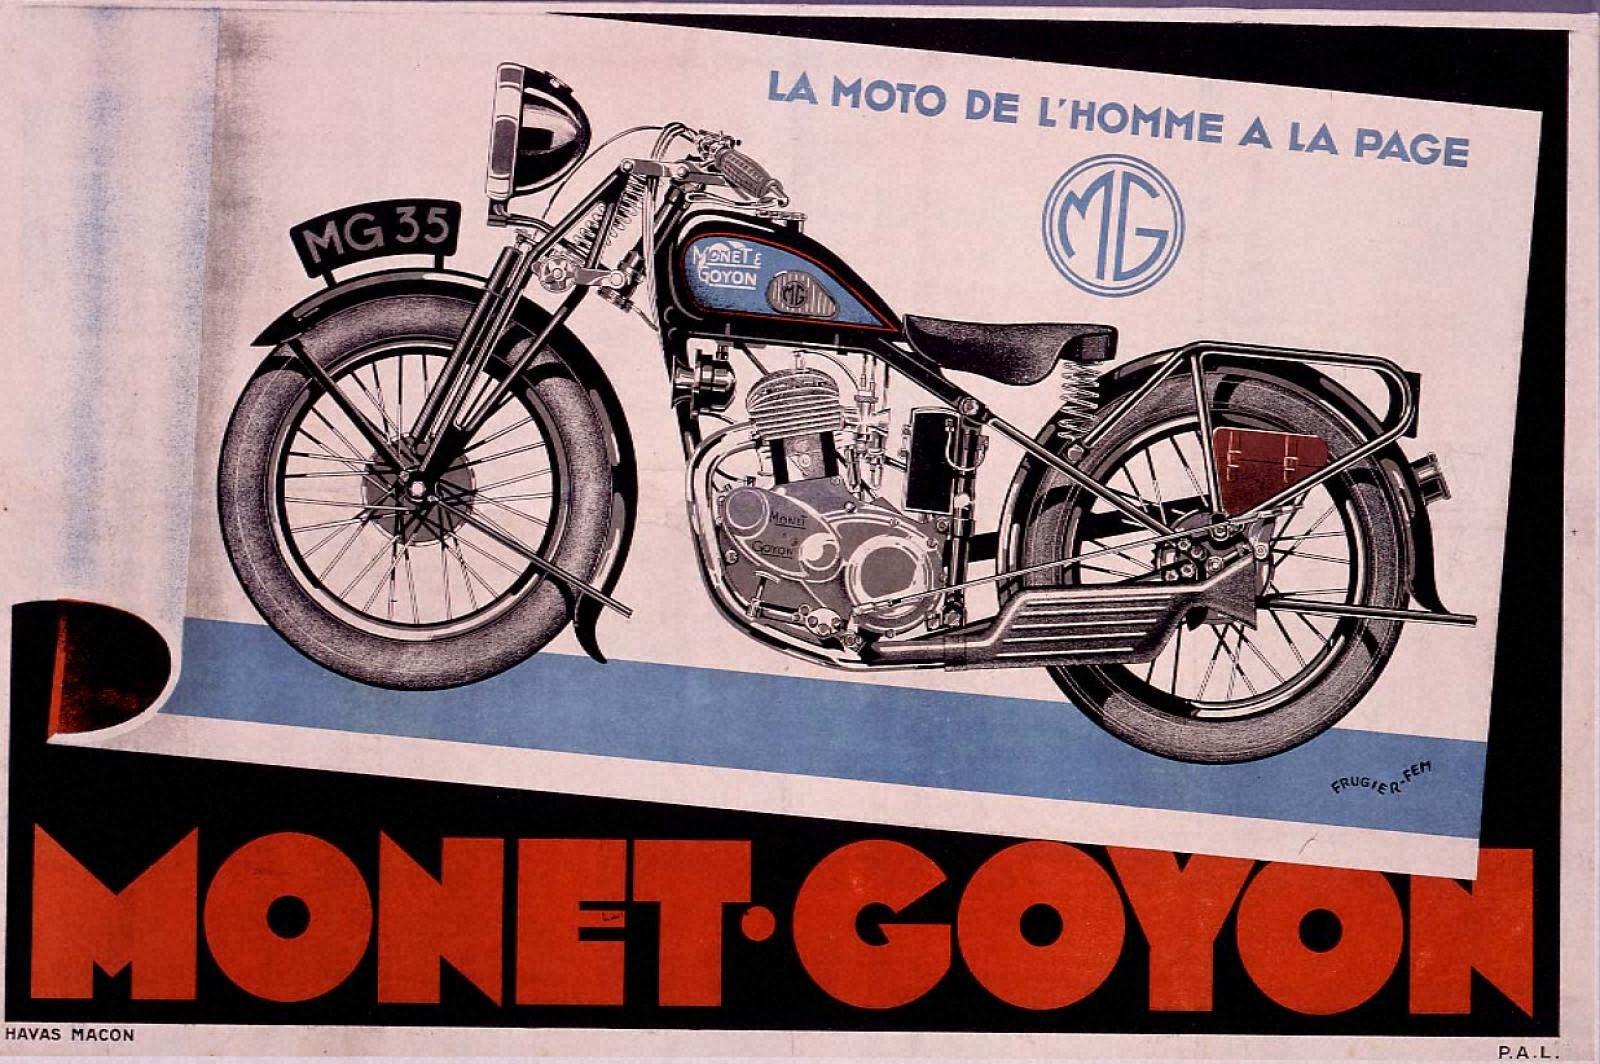 最新型人間のオートバイ「モネ=ゴワイヨン」